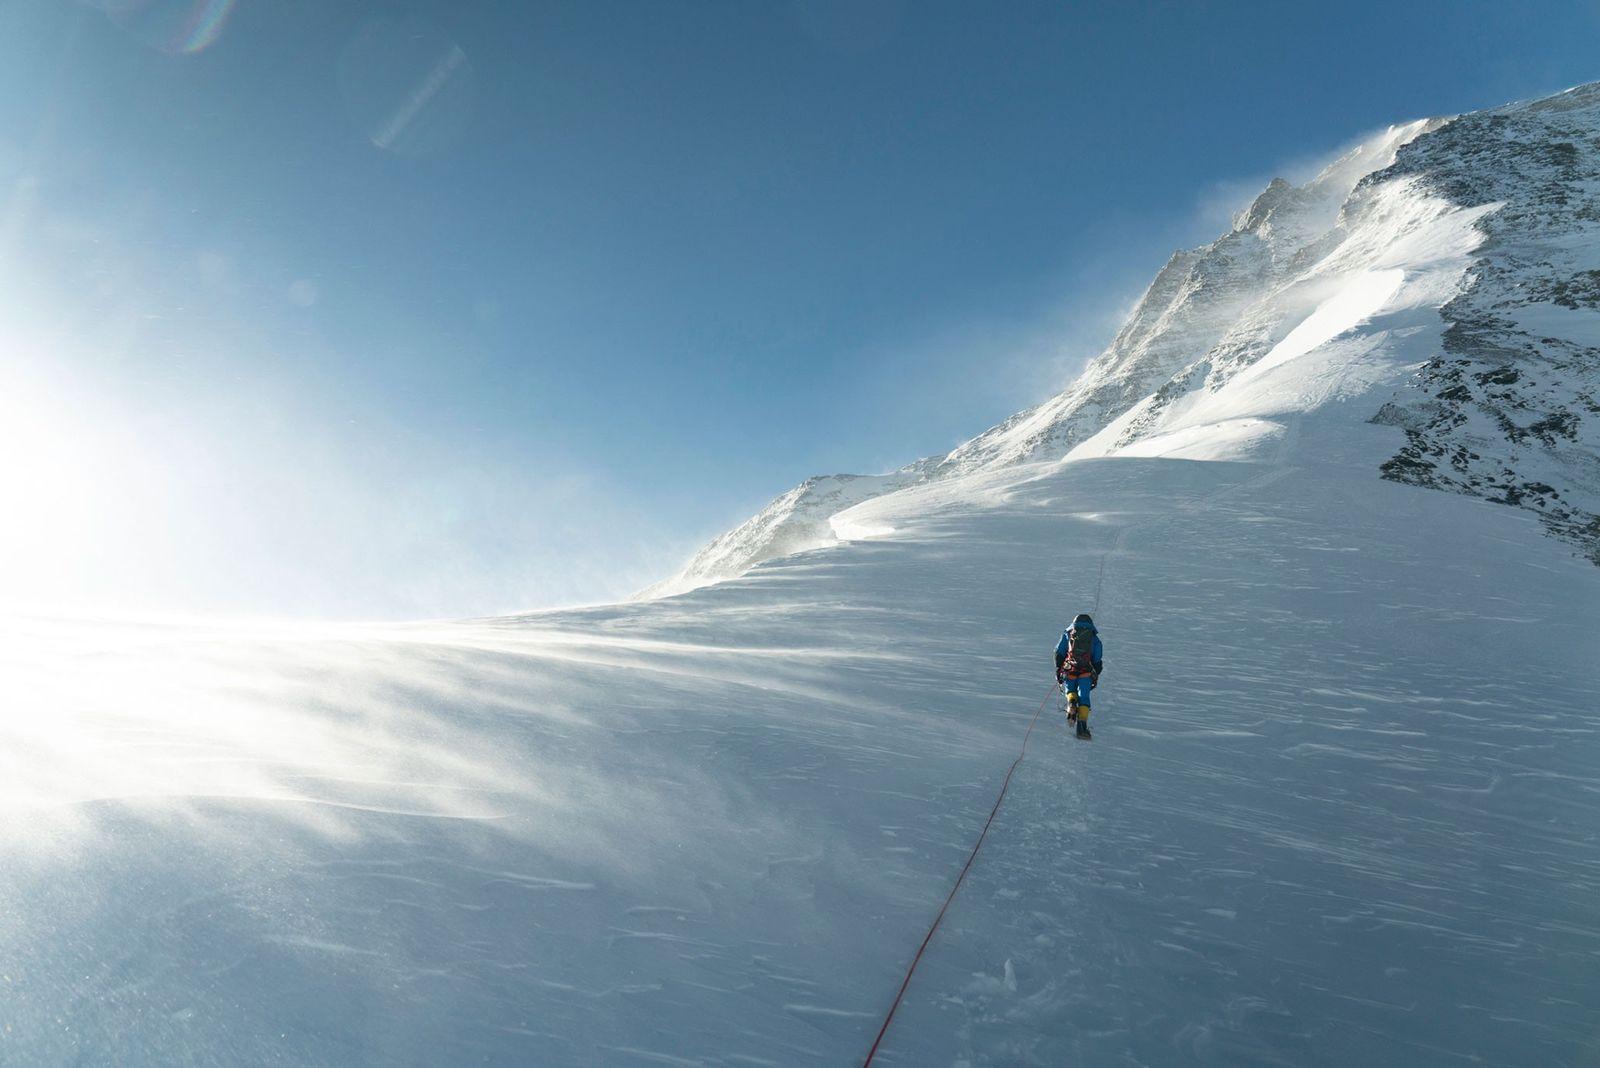 Un alpiniste progresse par temps venteux sur l'itinéraire classique de l'arête nord, sur le versant tibétain/chinois ...